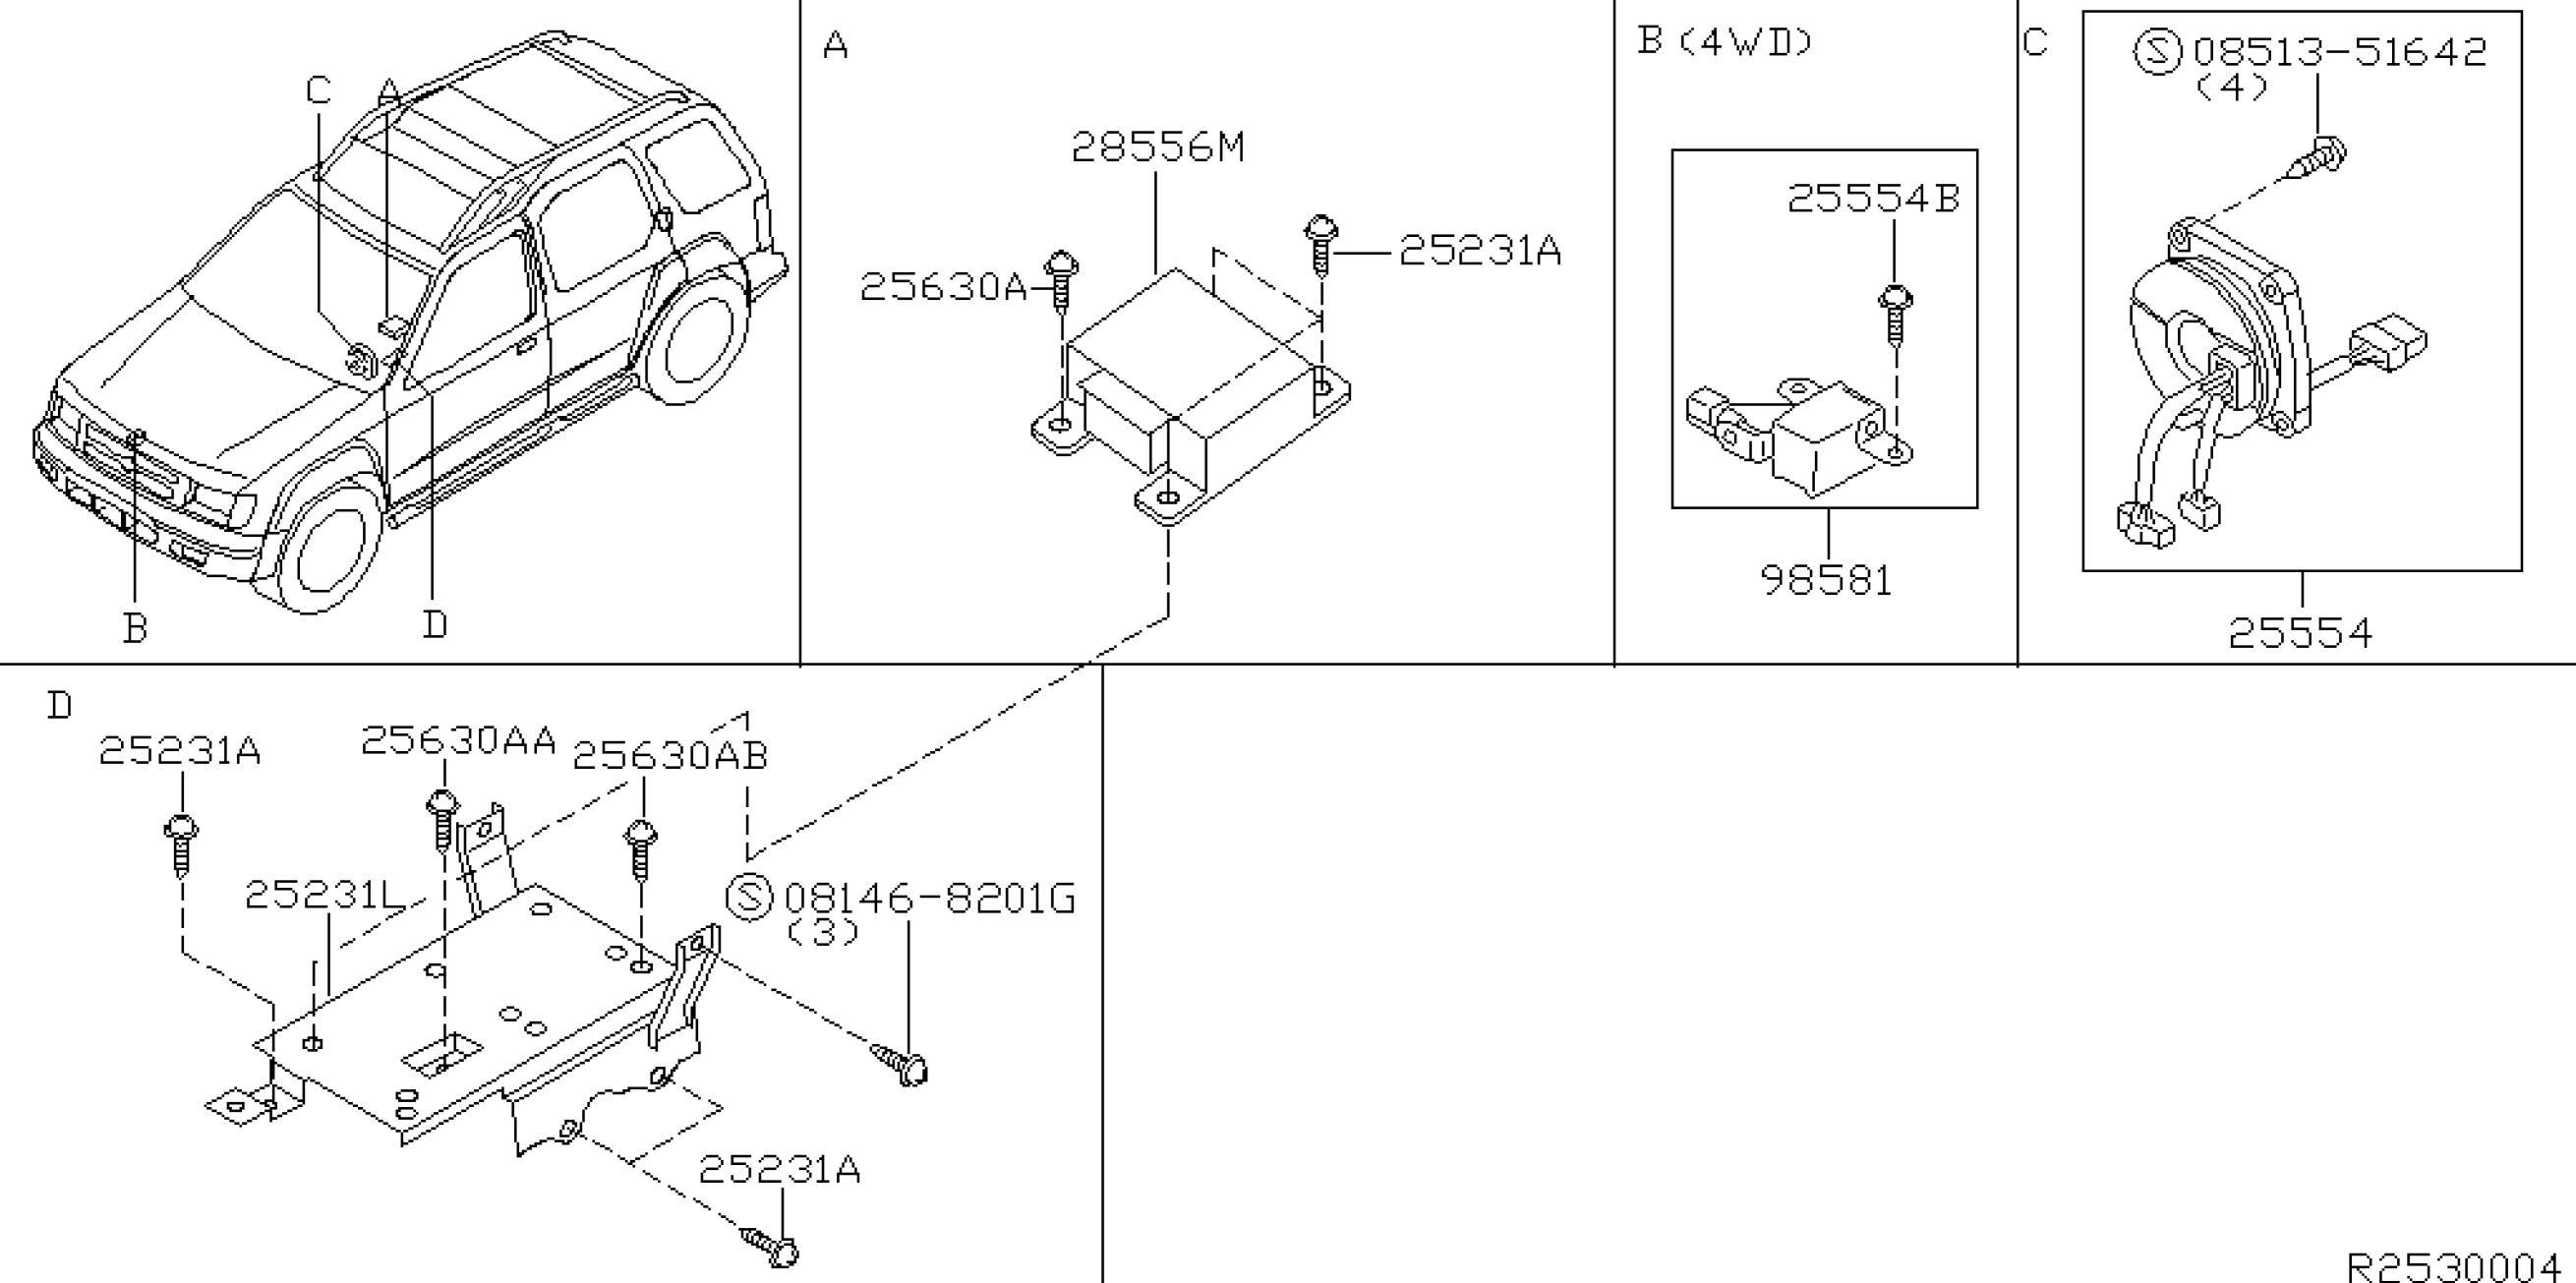 2001 Nissan Xterra Engine Diagram 2001 Nissan Xterra Oem Parts Nissan Usa Estore Of 2001 Nissan Xterra Engine Diagram